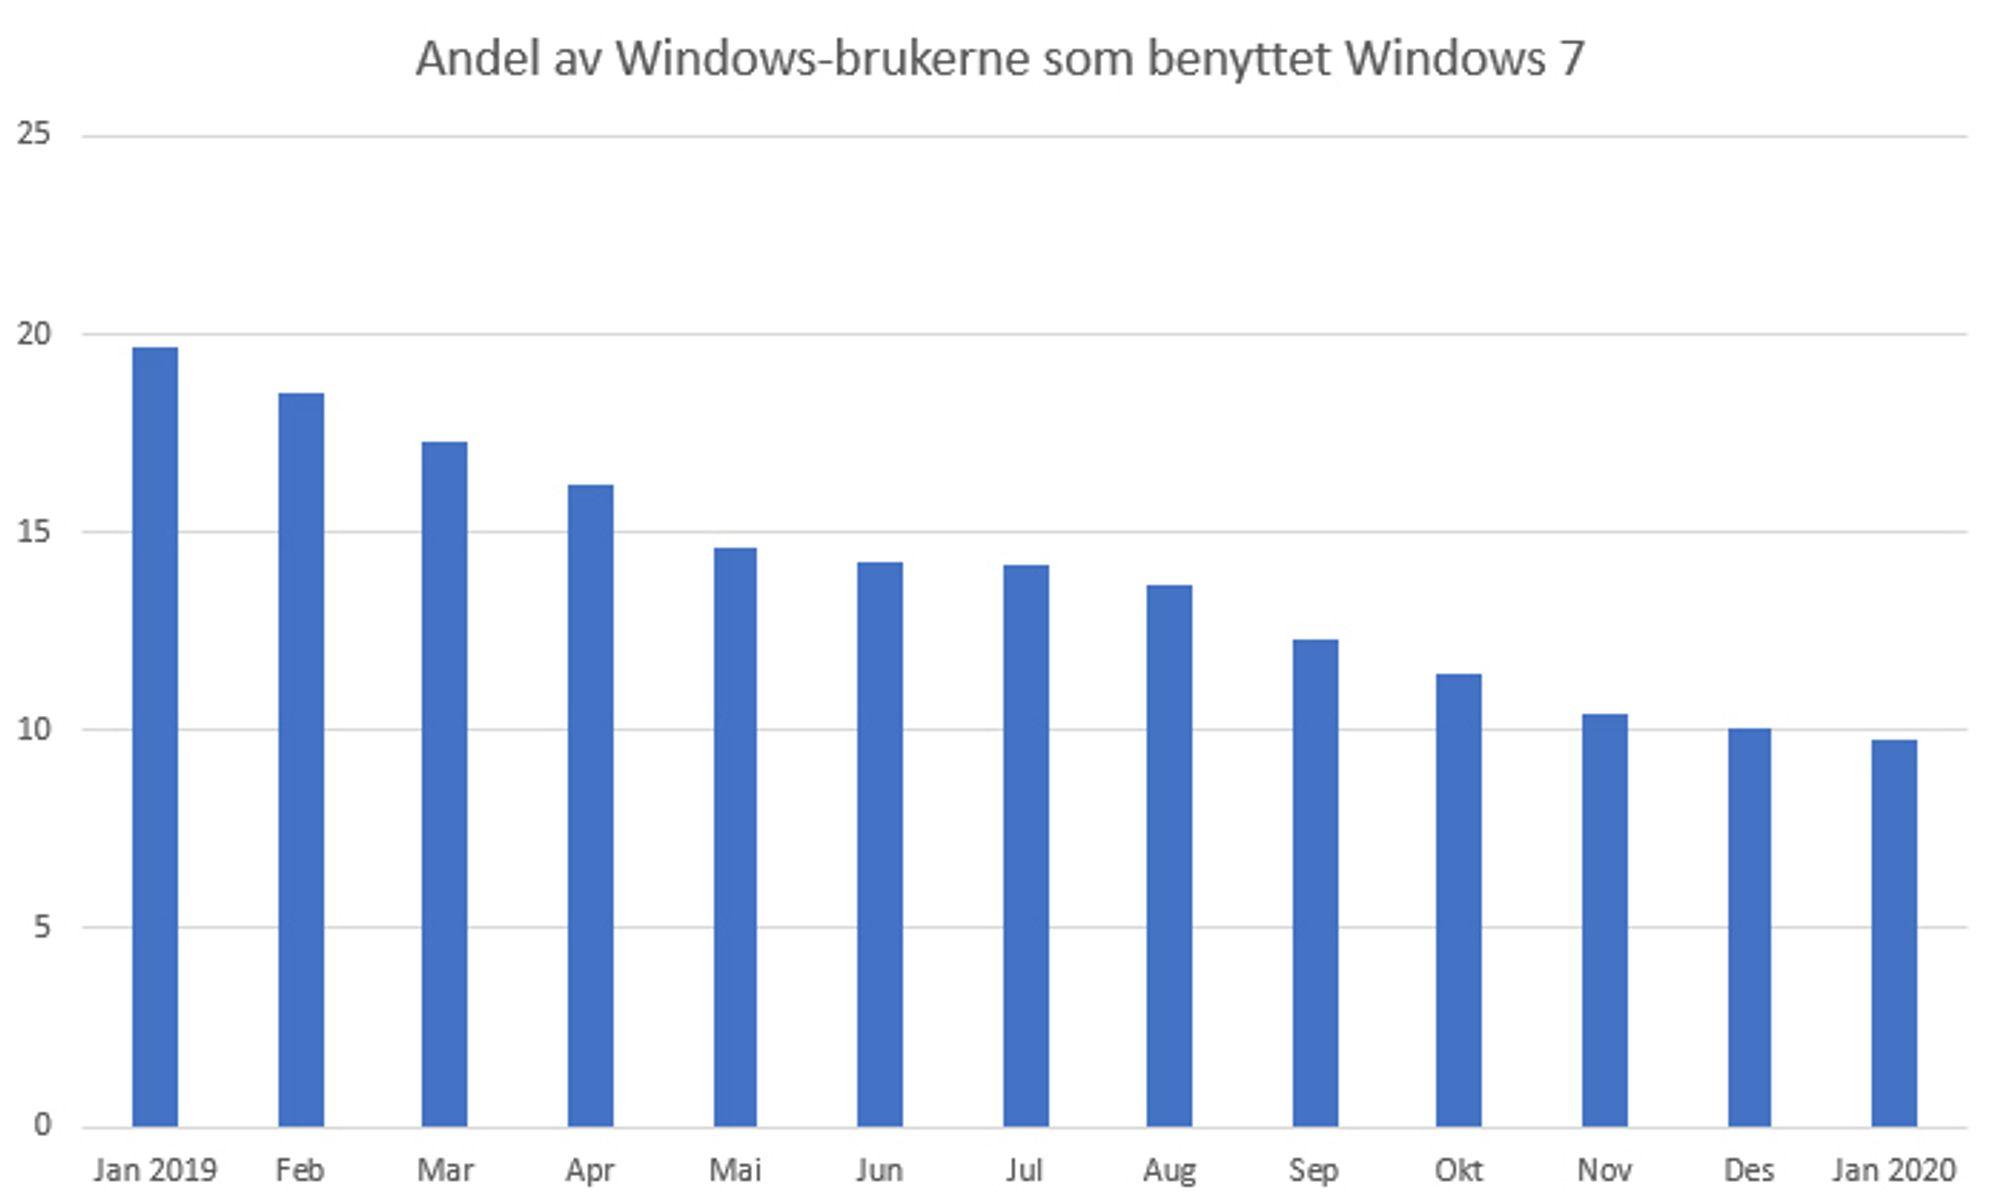 Nedgangen i bruken av Windows 7 blant digi.no-leserne. Diagrammet viser andelen av Windows-brukerne som benyttet Windows 7 i hver måned siden januar 2019.